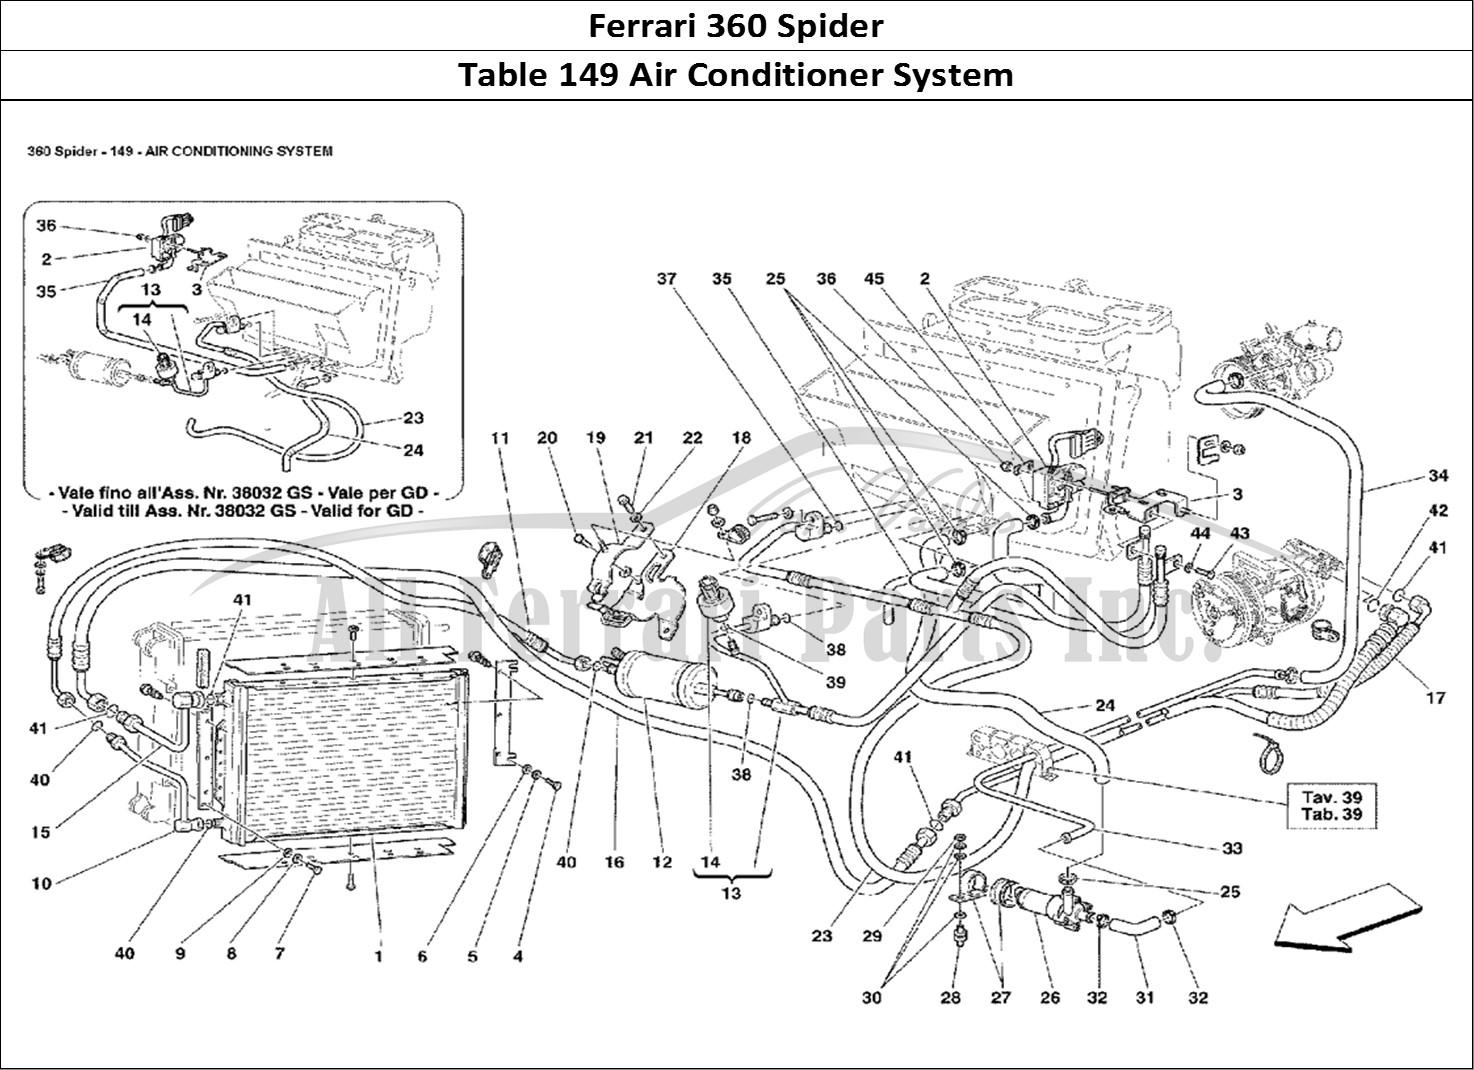 Buy Original Ferrari 360 Spider 149 Air Conditioner System Ferrari Parts Spares Accessories Online